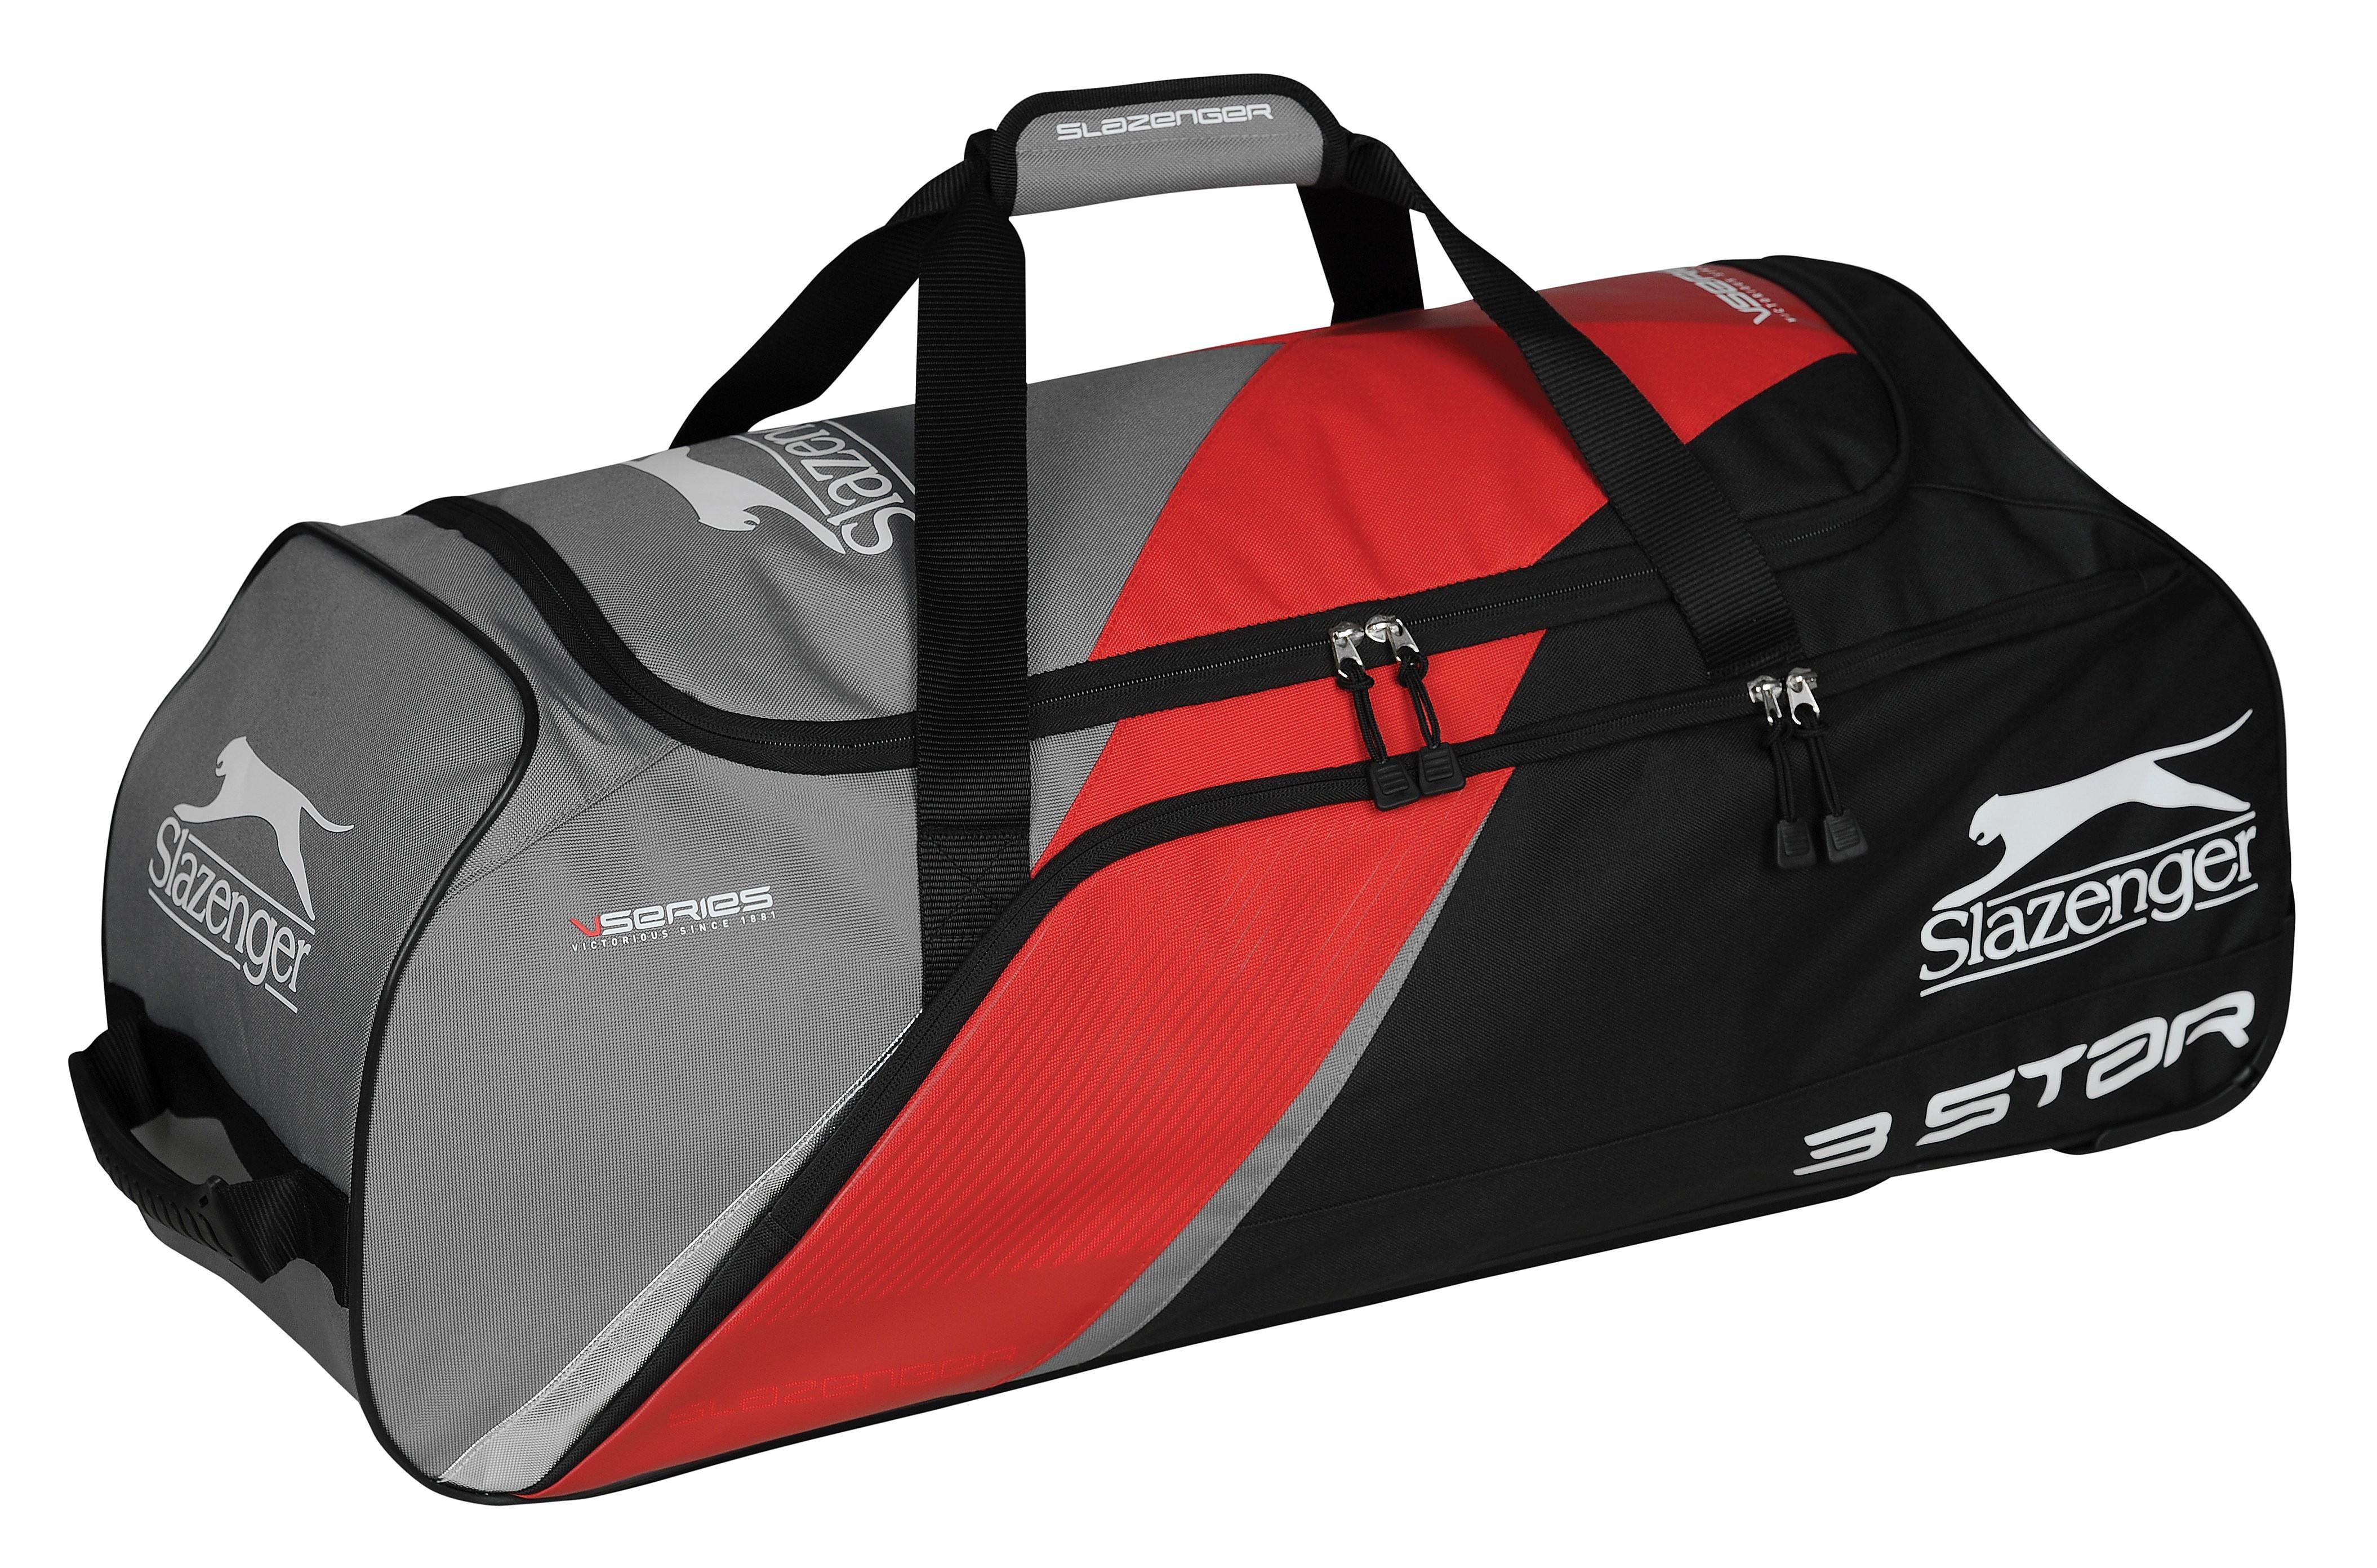 Slazenger 3 STAR WHEELIE BAG